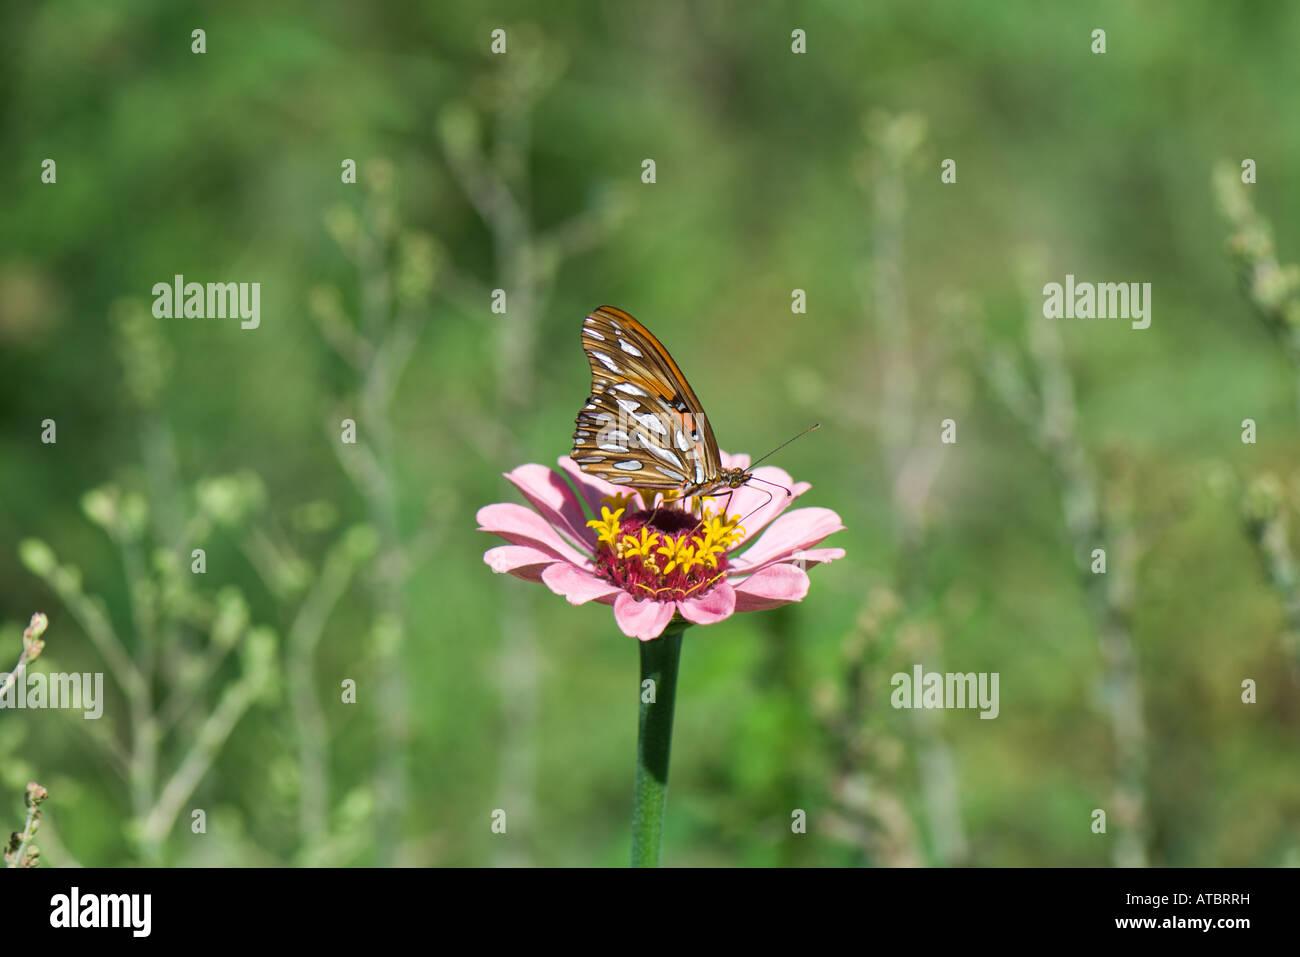 Butterfly on zinnia in field - Stock Image